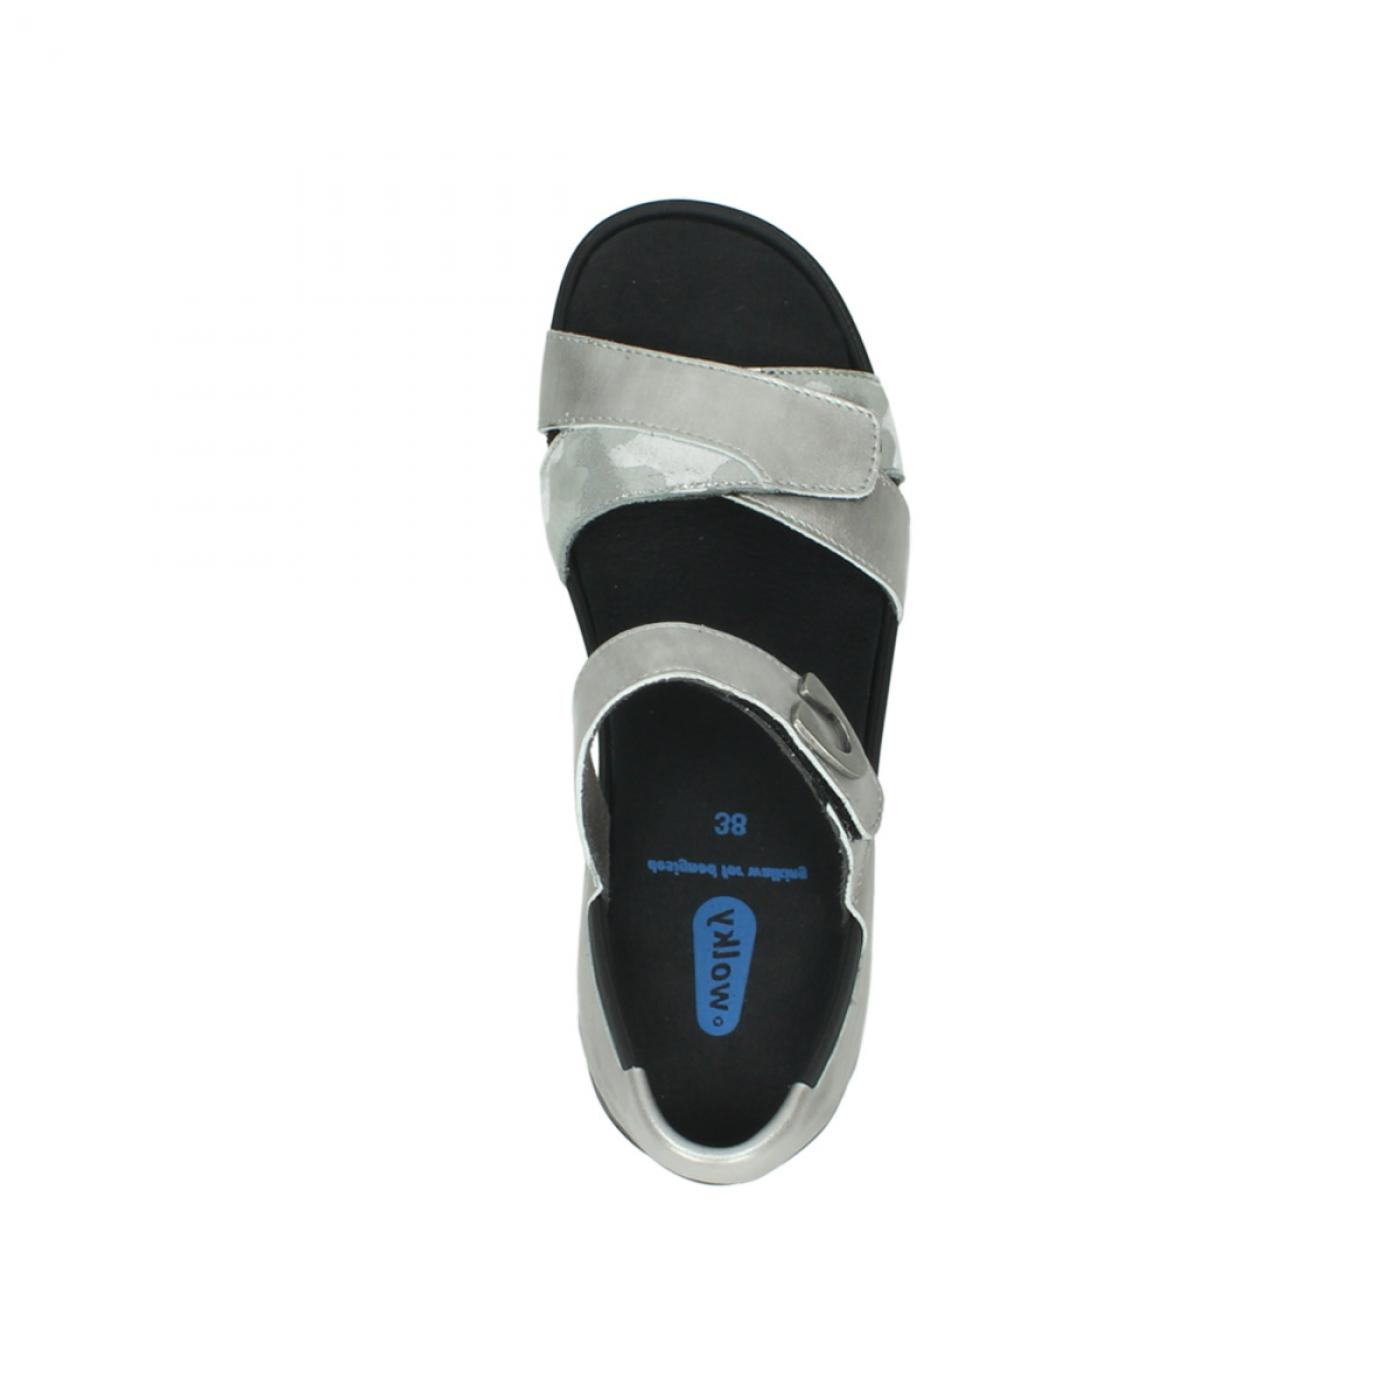 03775 Epoch - 89133 silver/grey leather